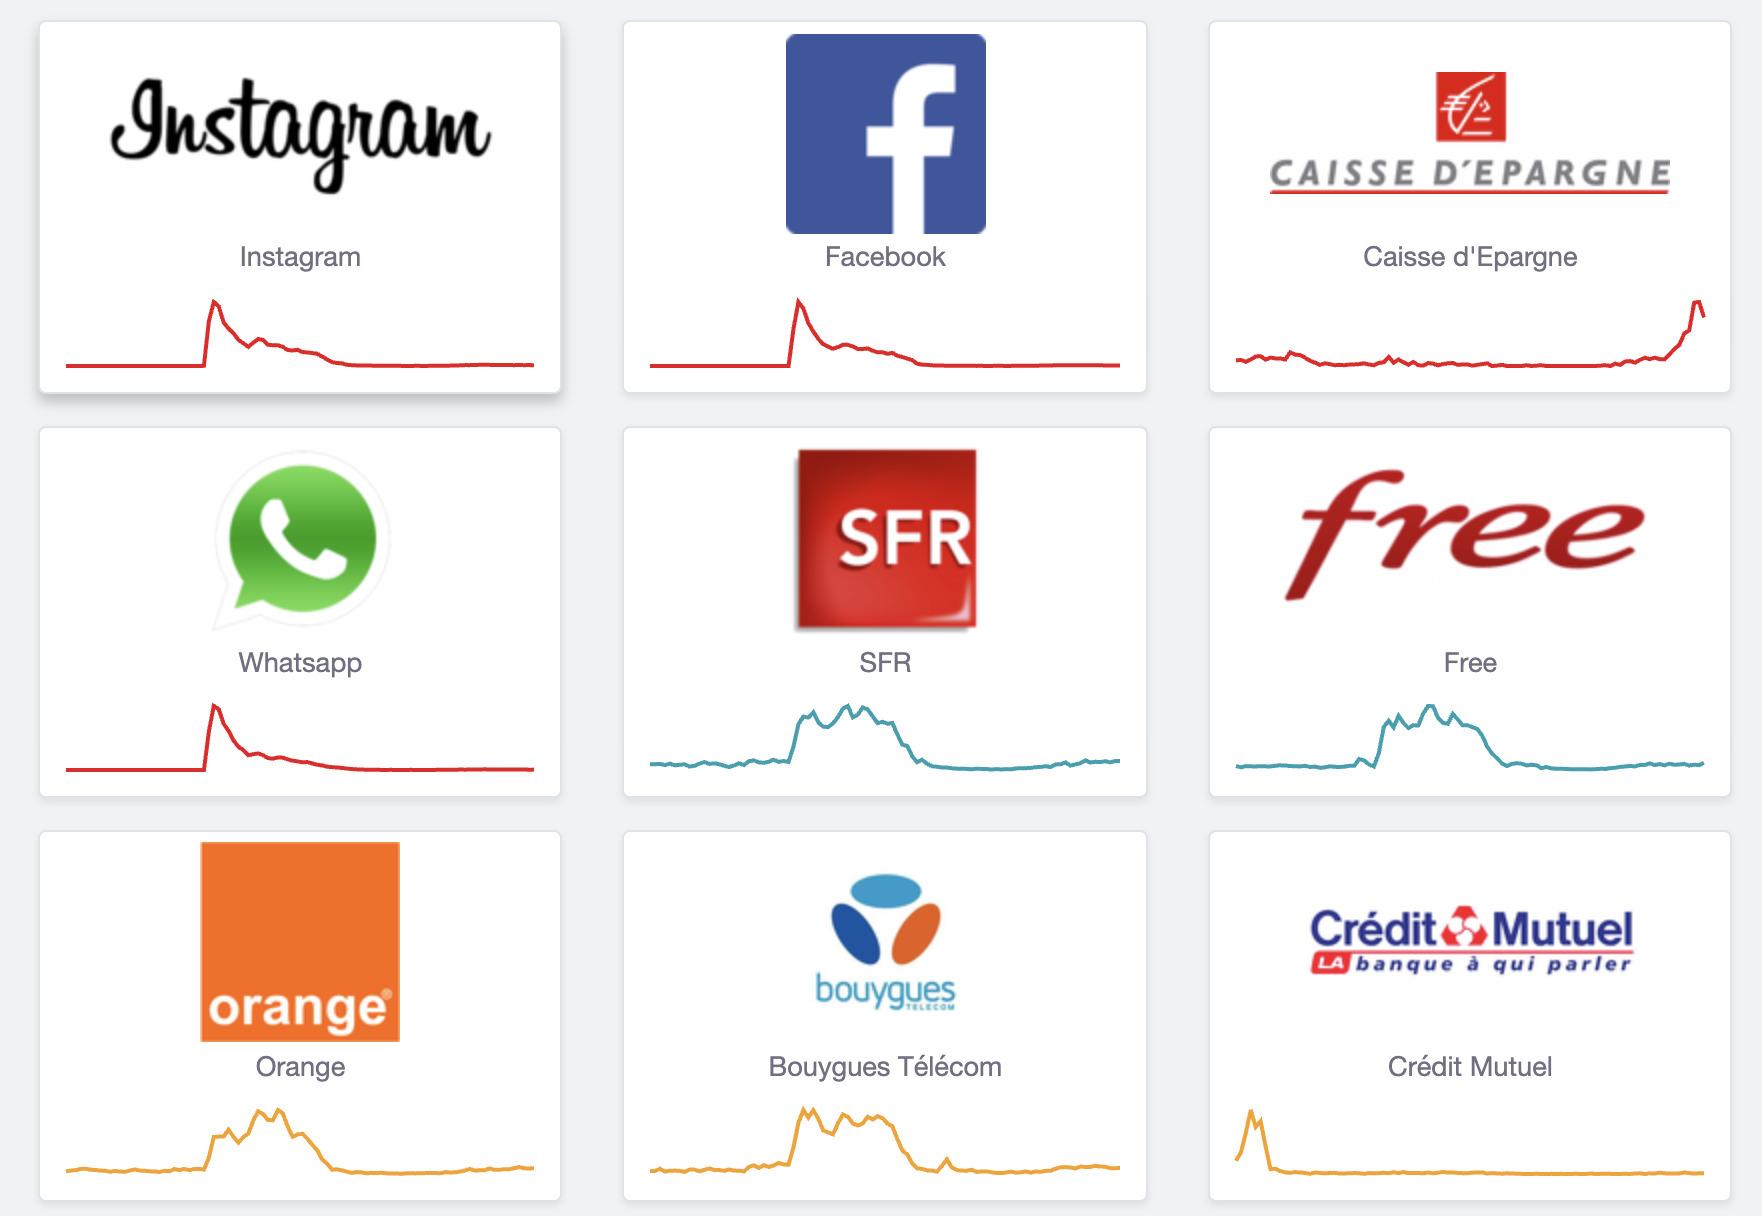 Comme le montre le site DownDetector, en même temps que les logiciels du groupe Facebook, d'autres sites ont connu des signalements